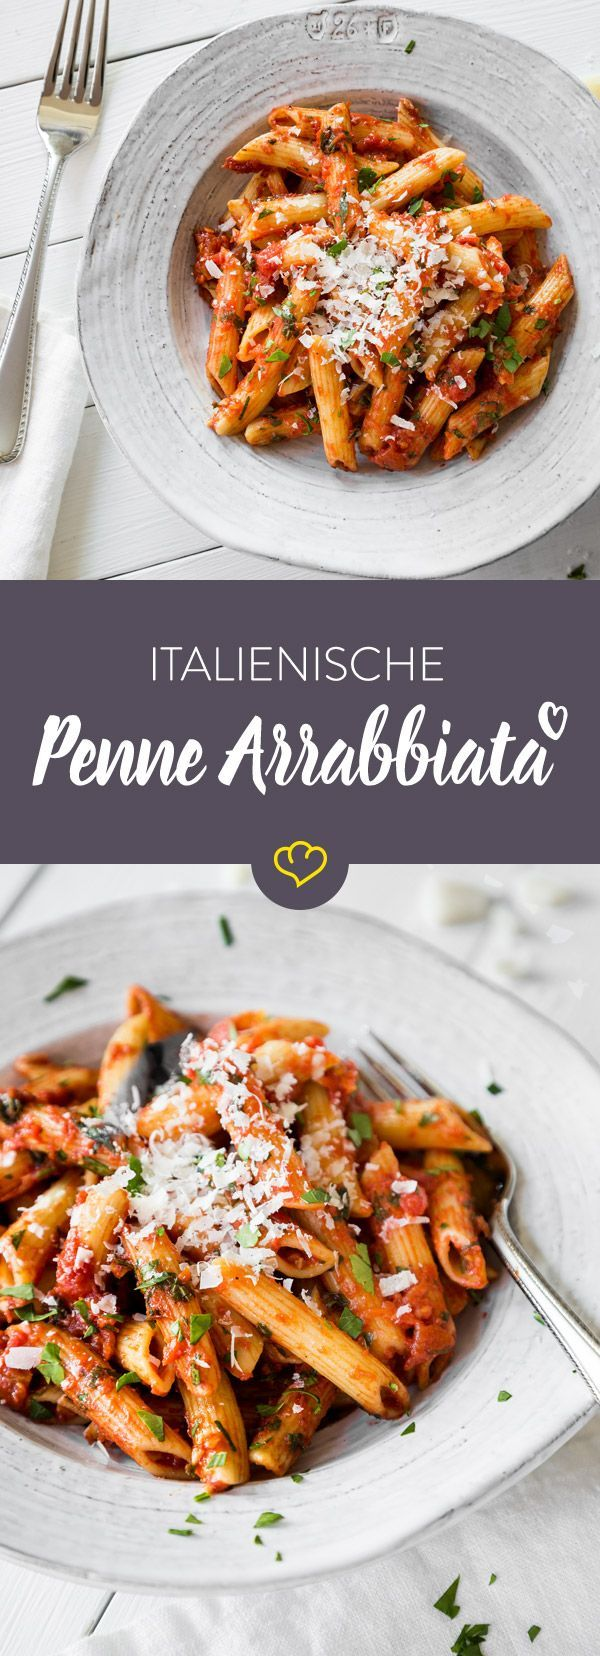 Photo of Penne Arrabbiata – the Italian classic